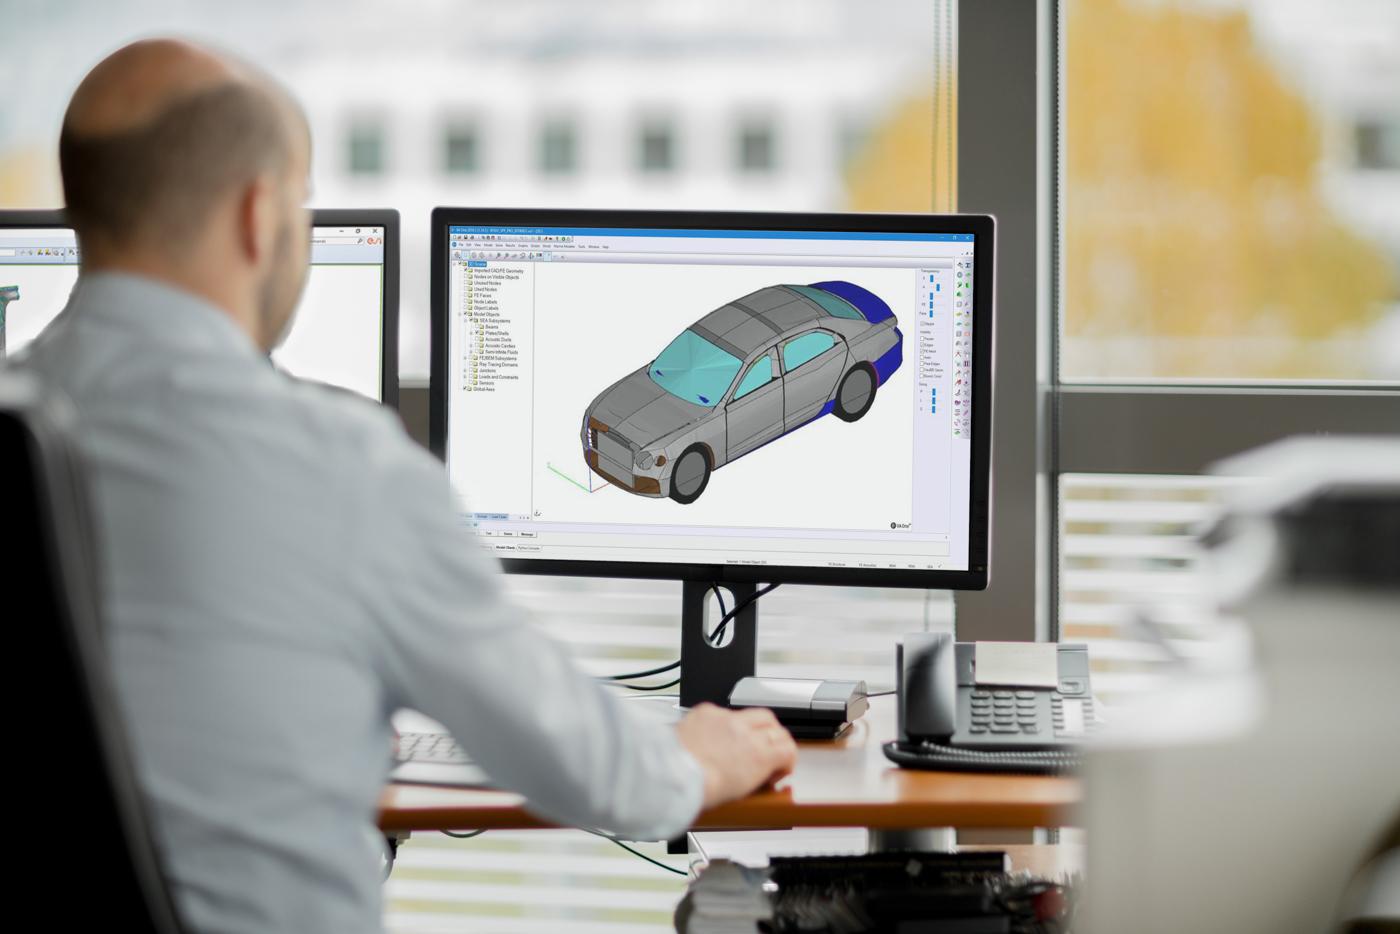 bentley-hé-lộ-quá-trình-phát-triển-chiếc-sedan-yên-tĩnh-nhất-thế-giới-1.jpg